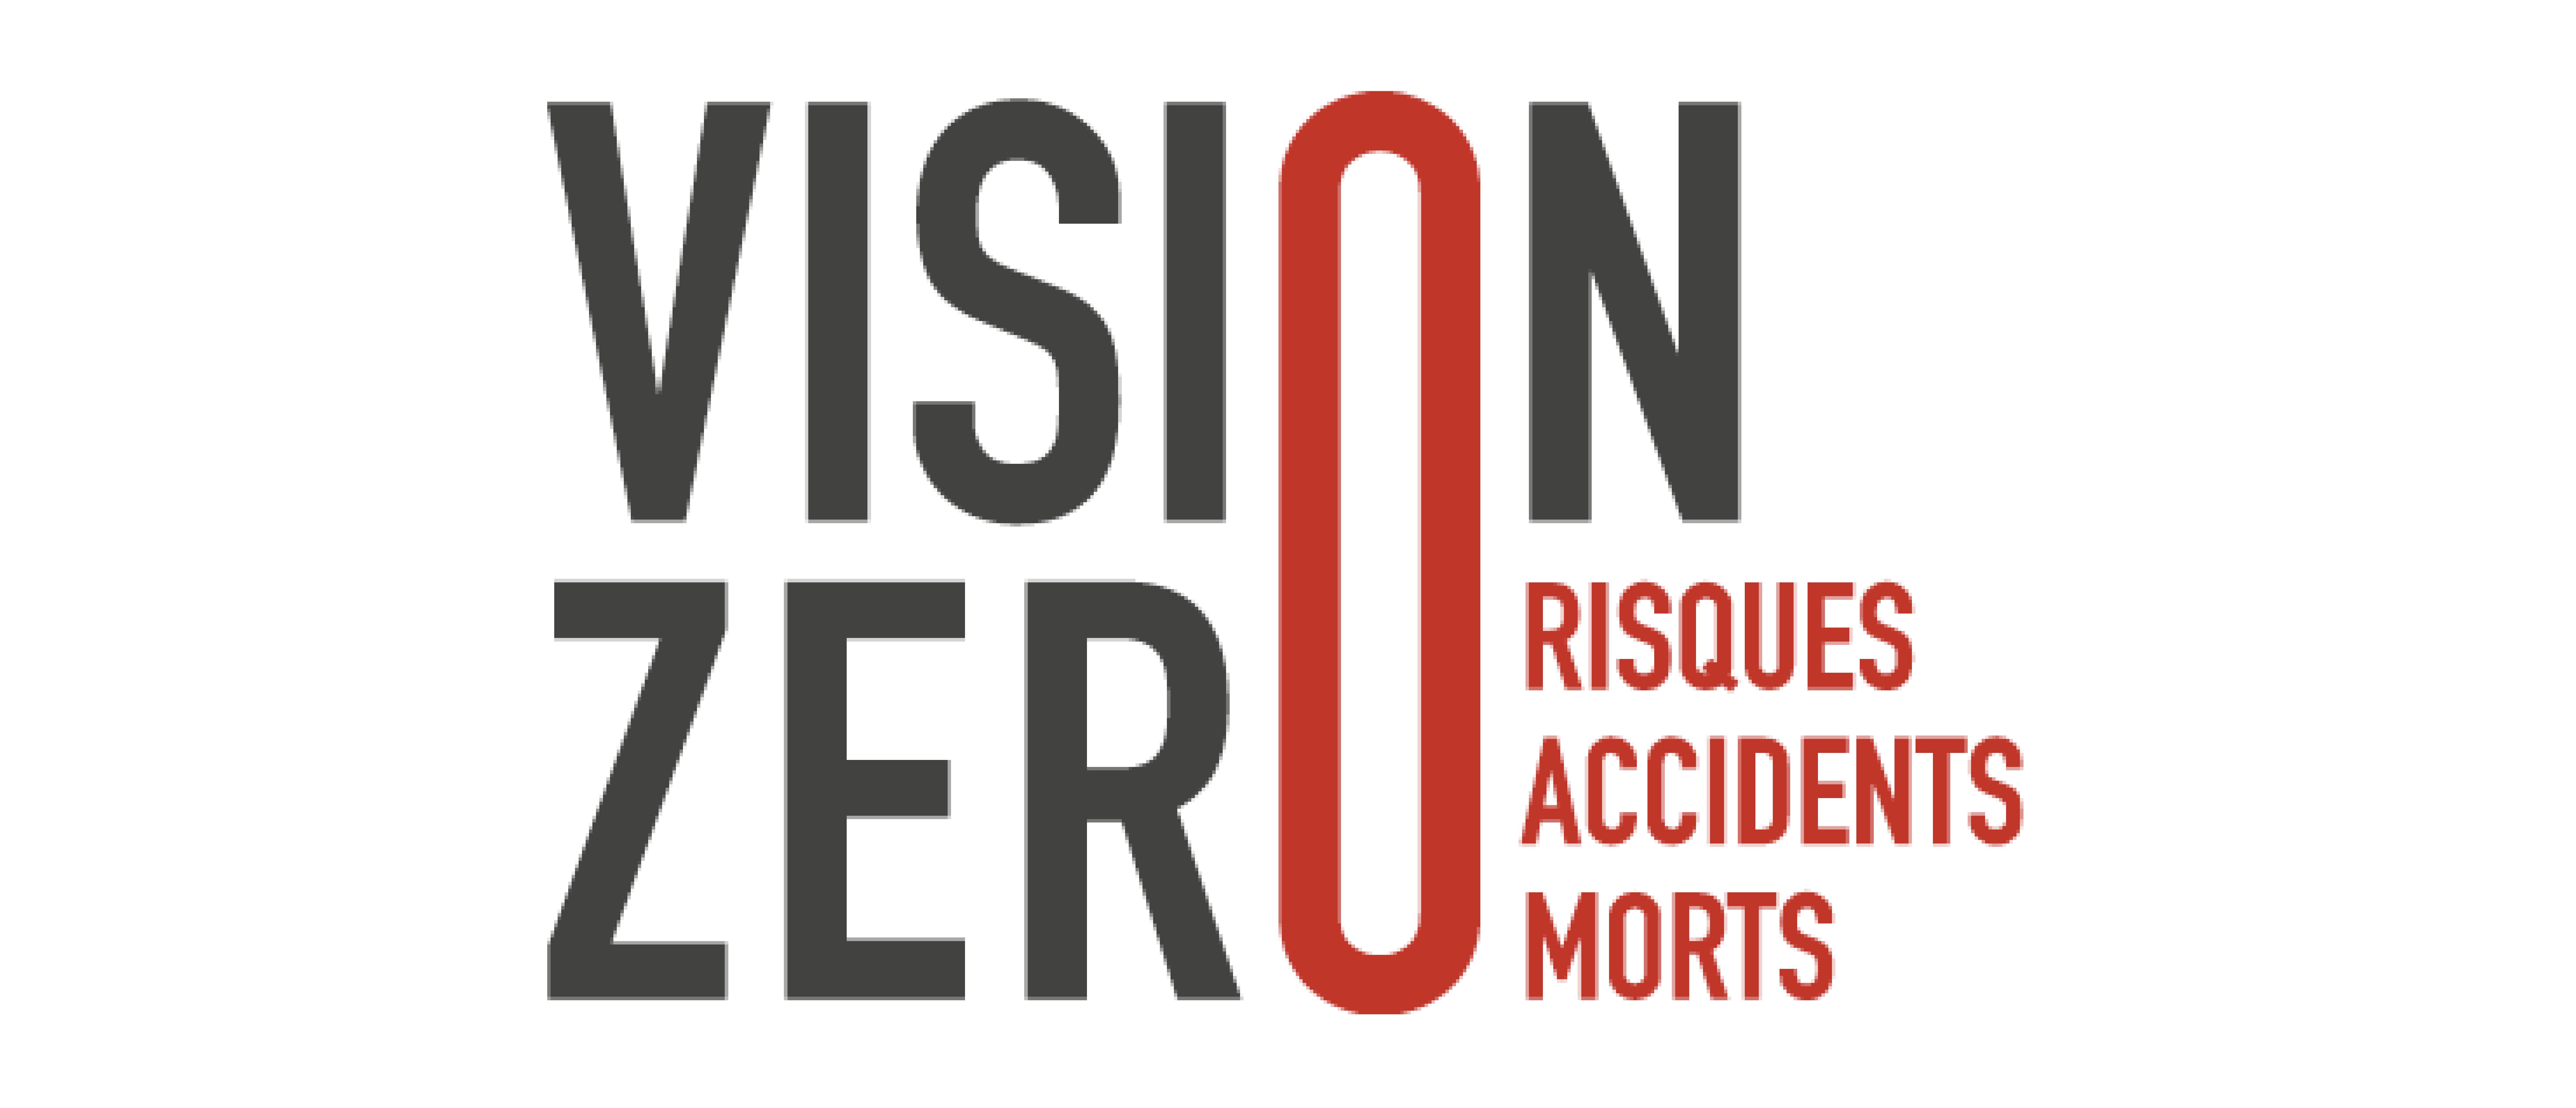 Vision Zero - Home